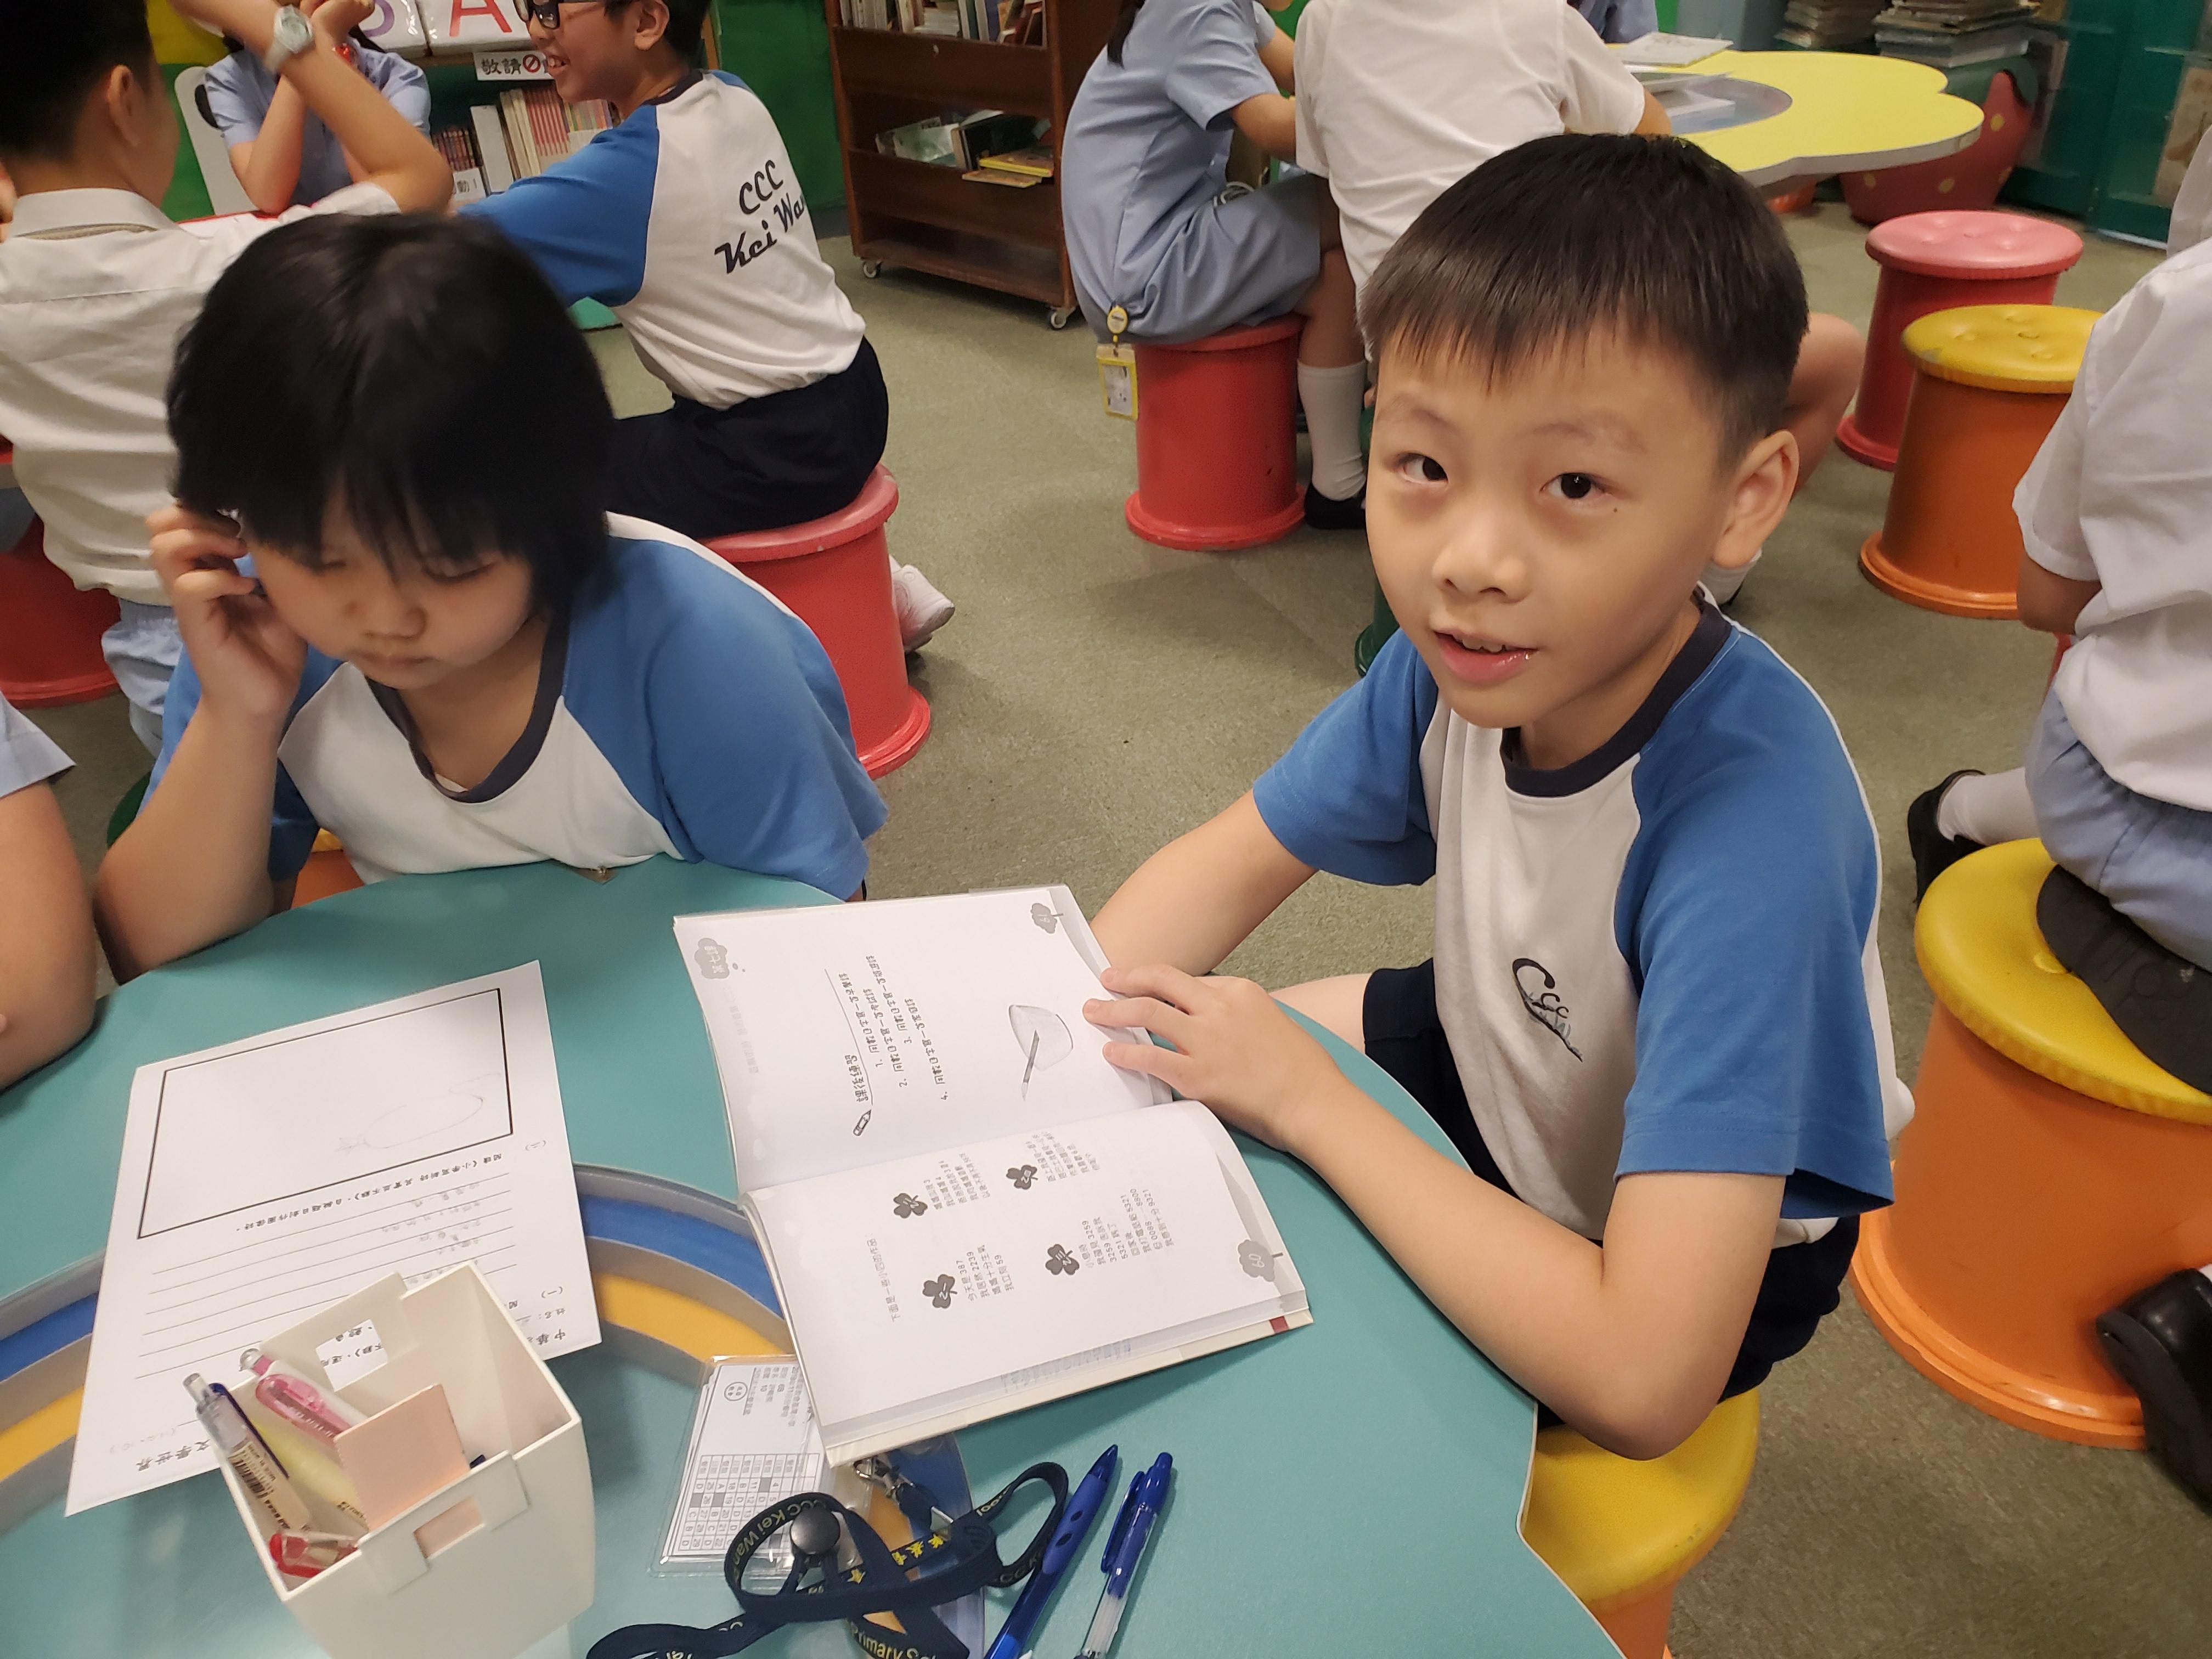 http://www.keiwan.edu.hk/sites/default/files/20191106_144104.jpg